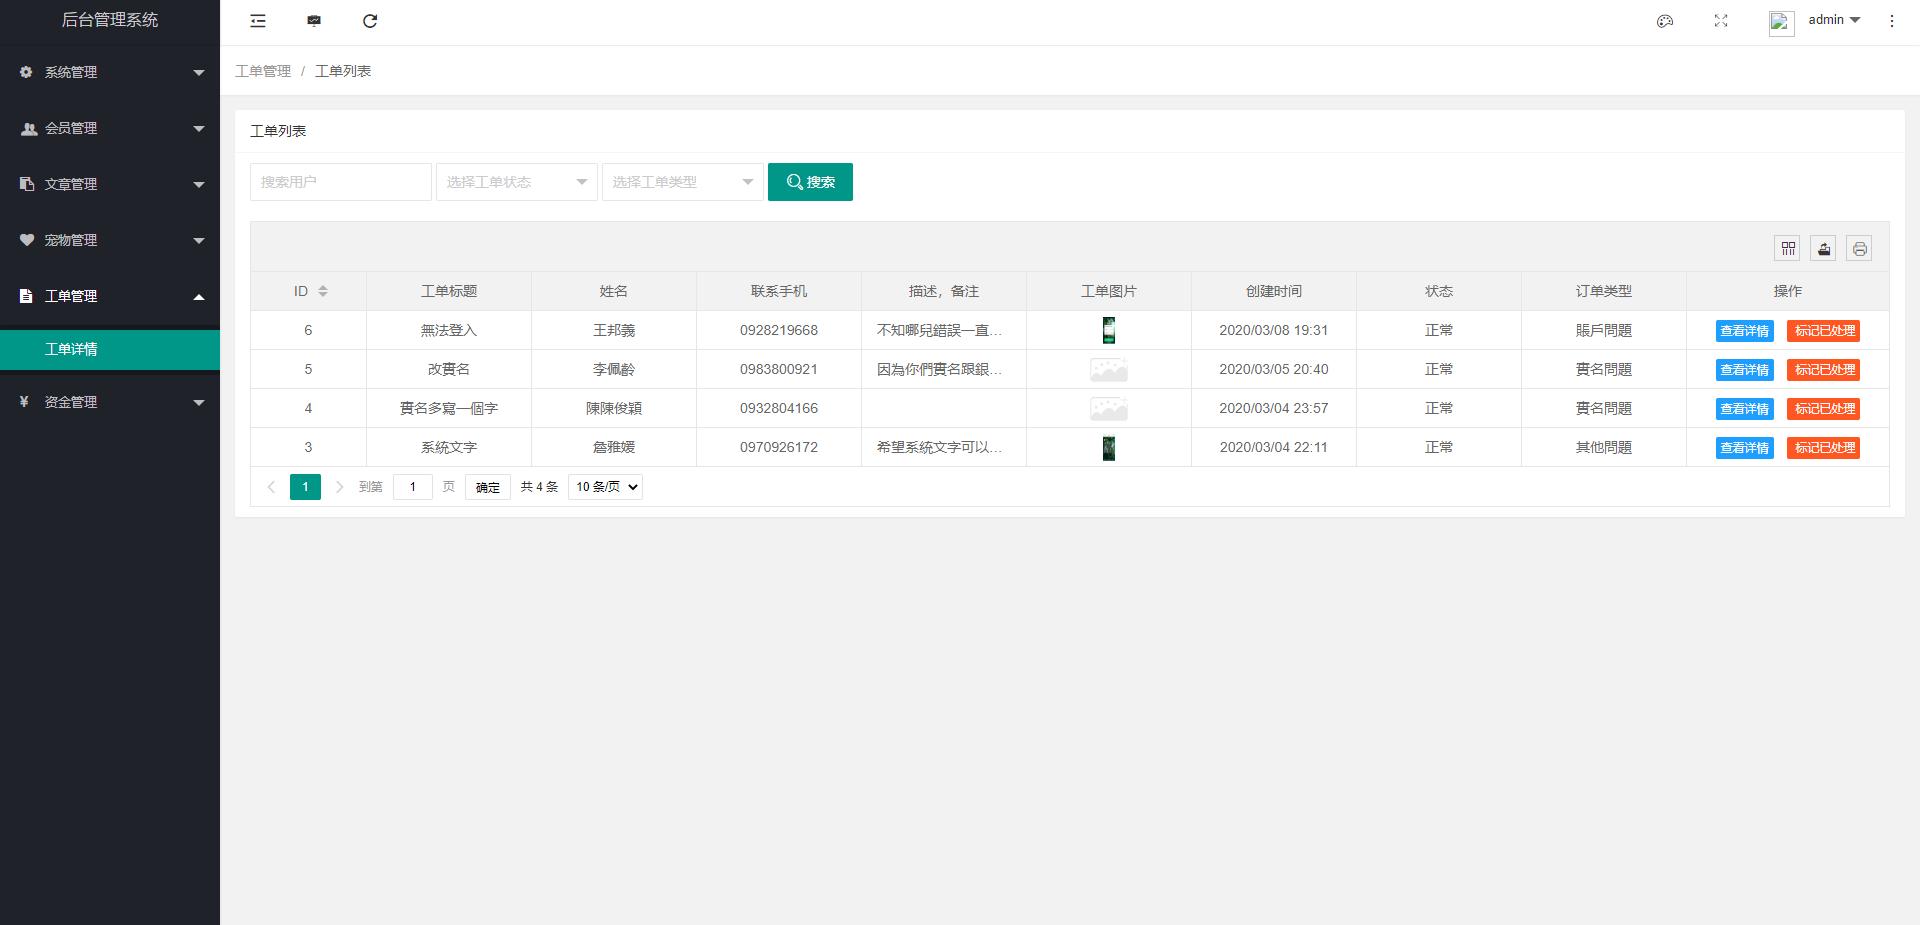 【区块宠物】森林绿UI养殖收益理财系统[签到+团队+实名]-找主题源码